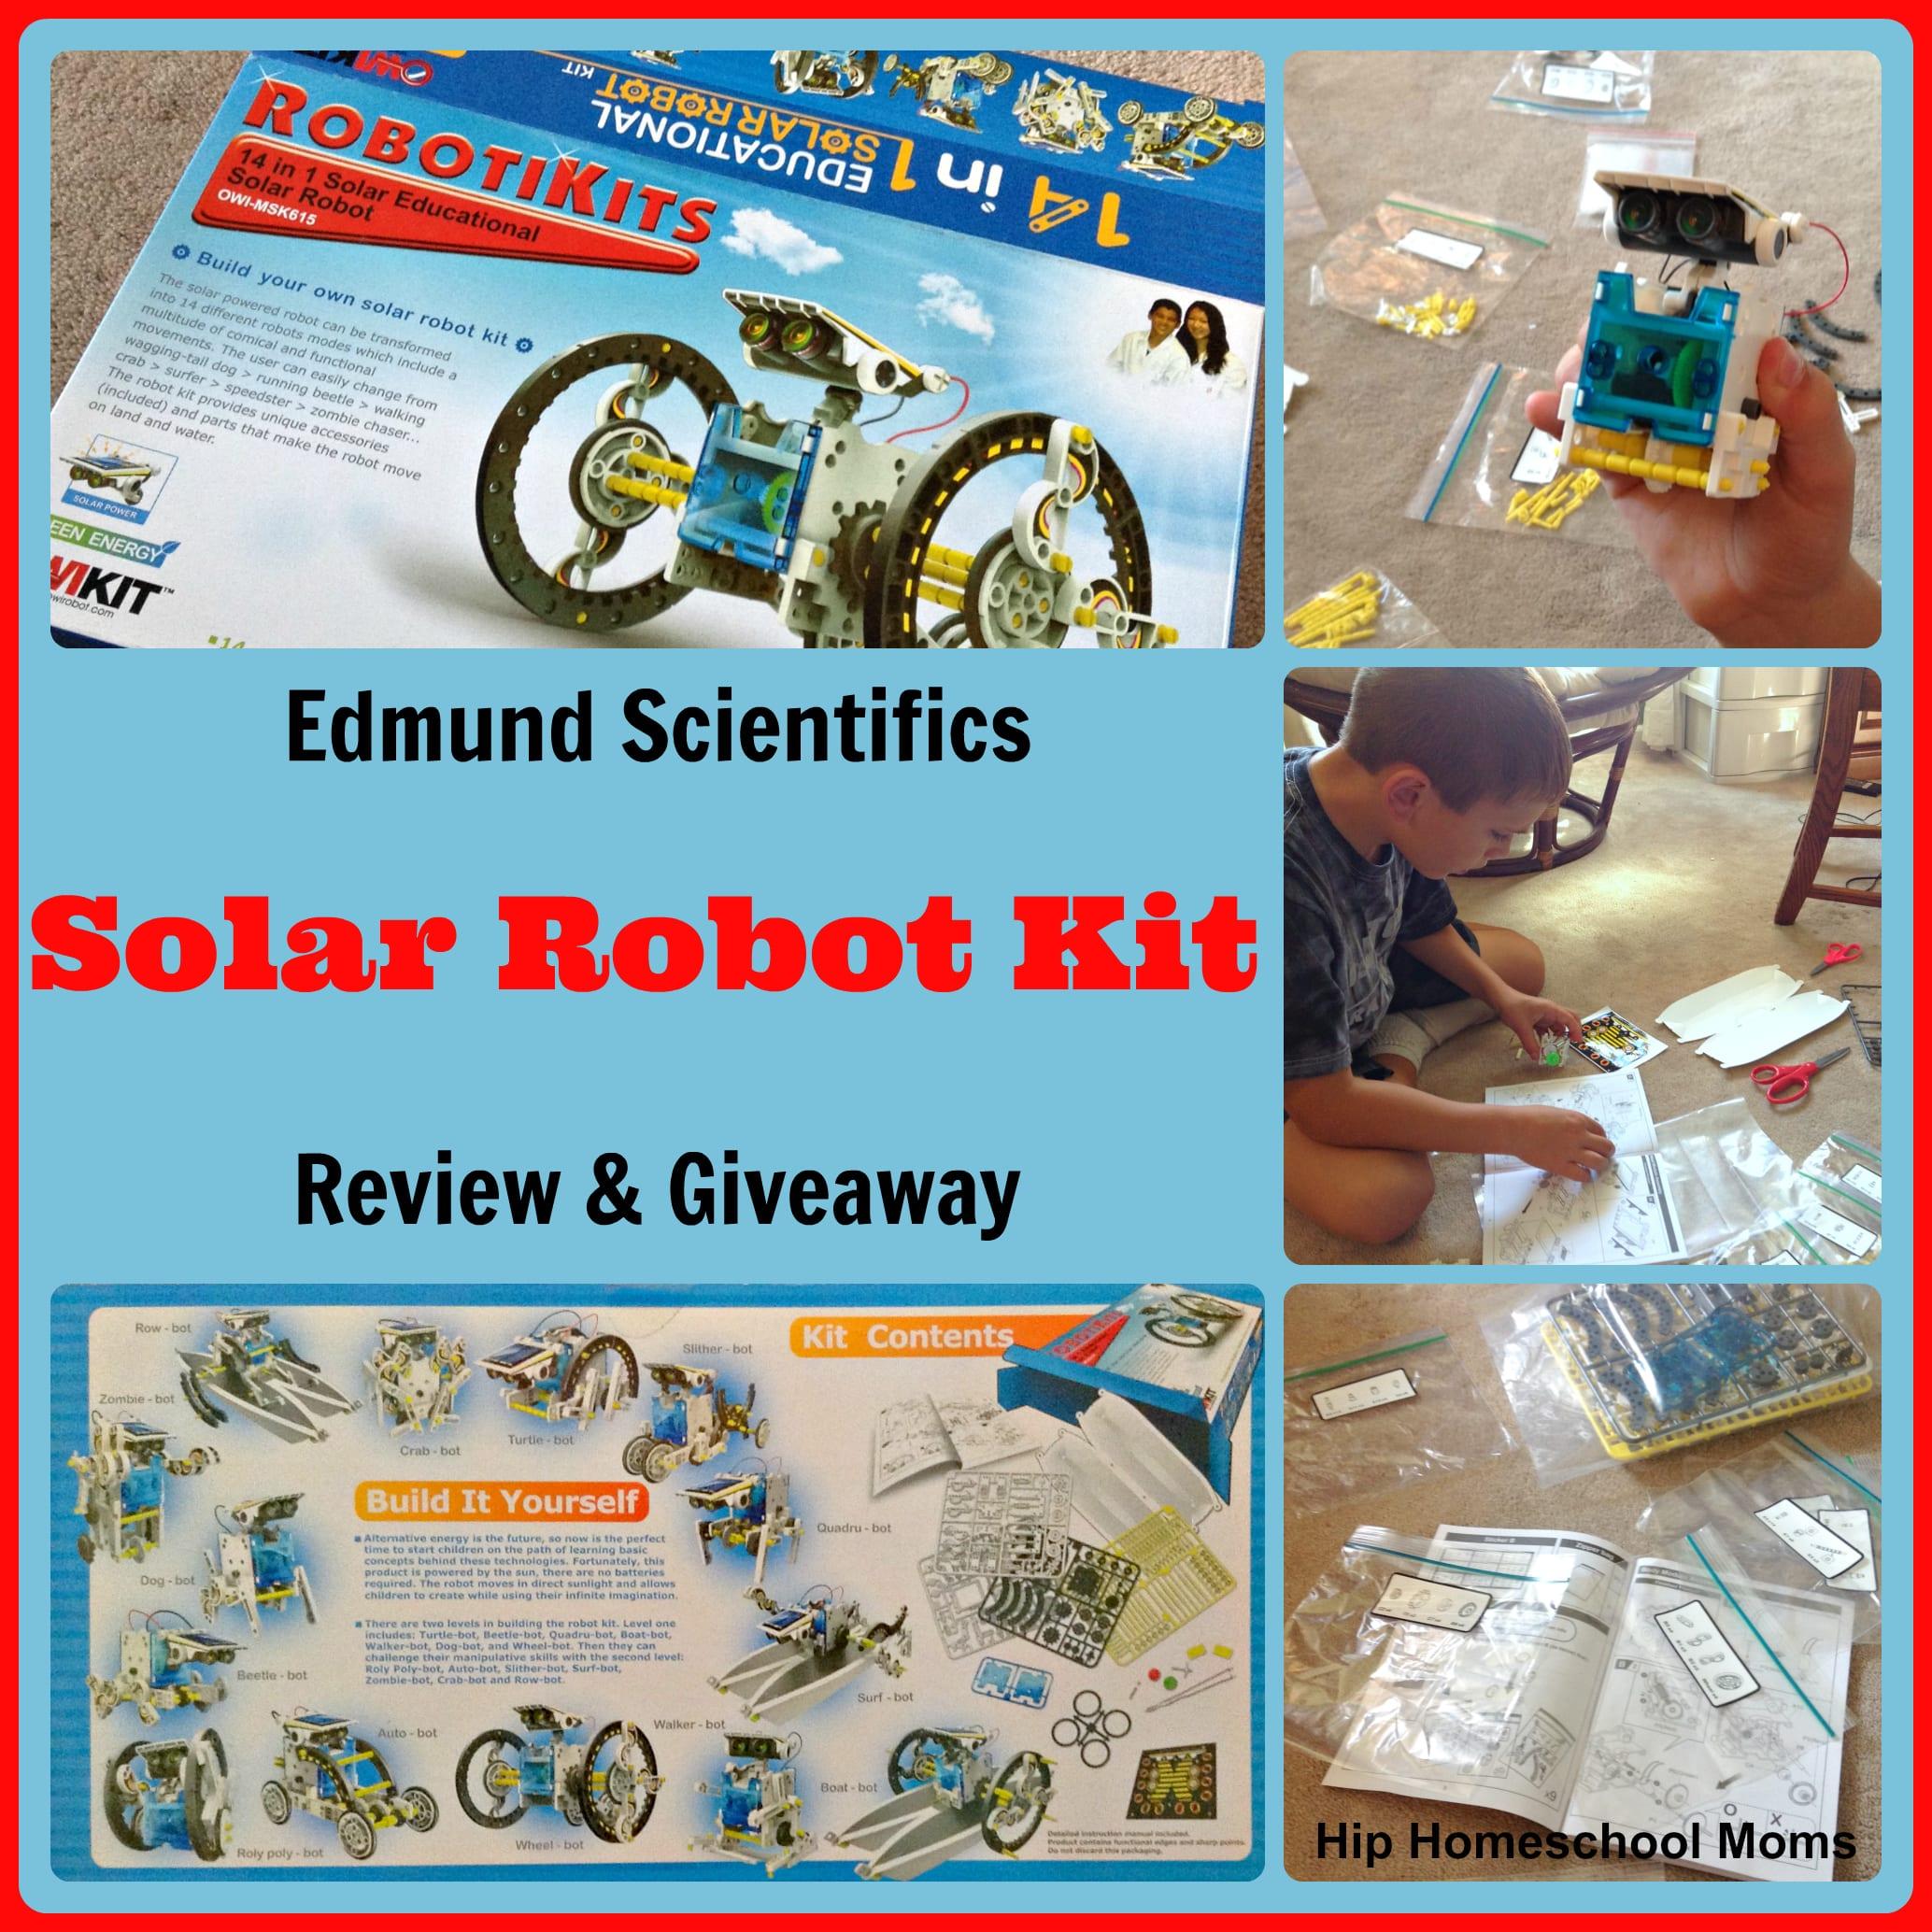 Edmund Scientifics Solar Robot Kit Review & Giveaway  {closed}